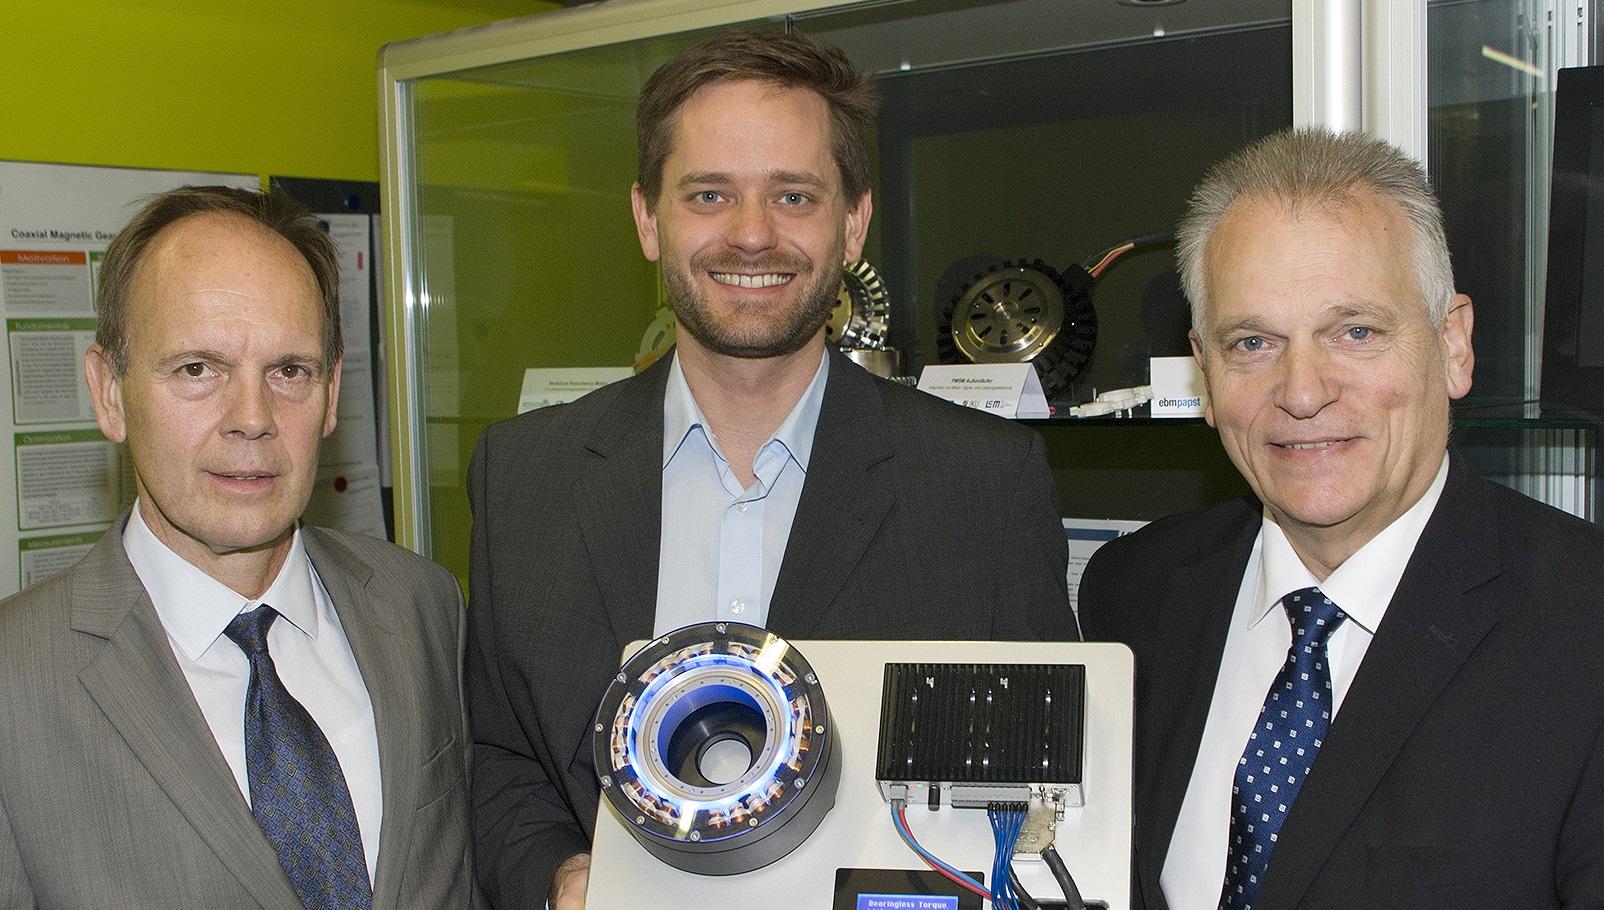 Zukunftstechnologien: Präsident des Bundesrates Gottfried Kneifel auf Besuch bei LCM